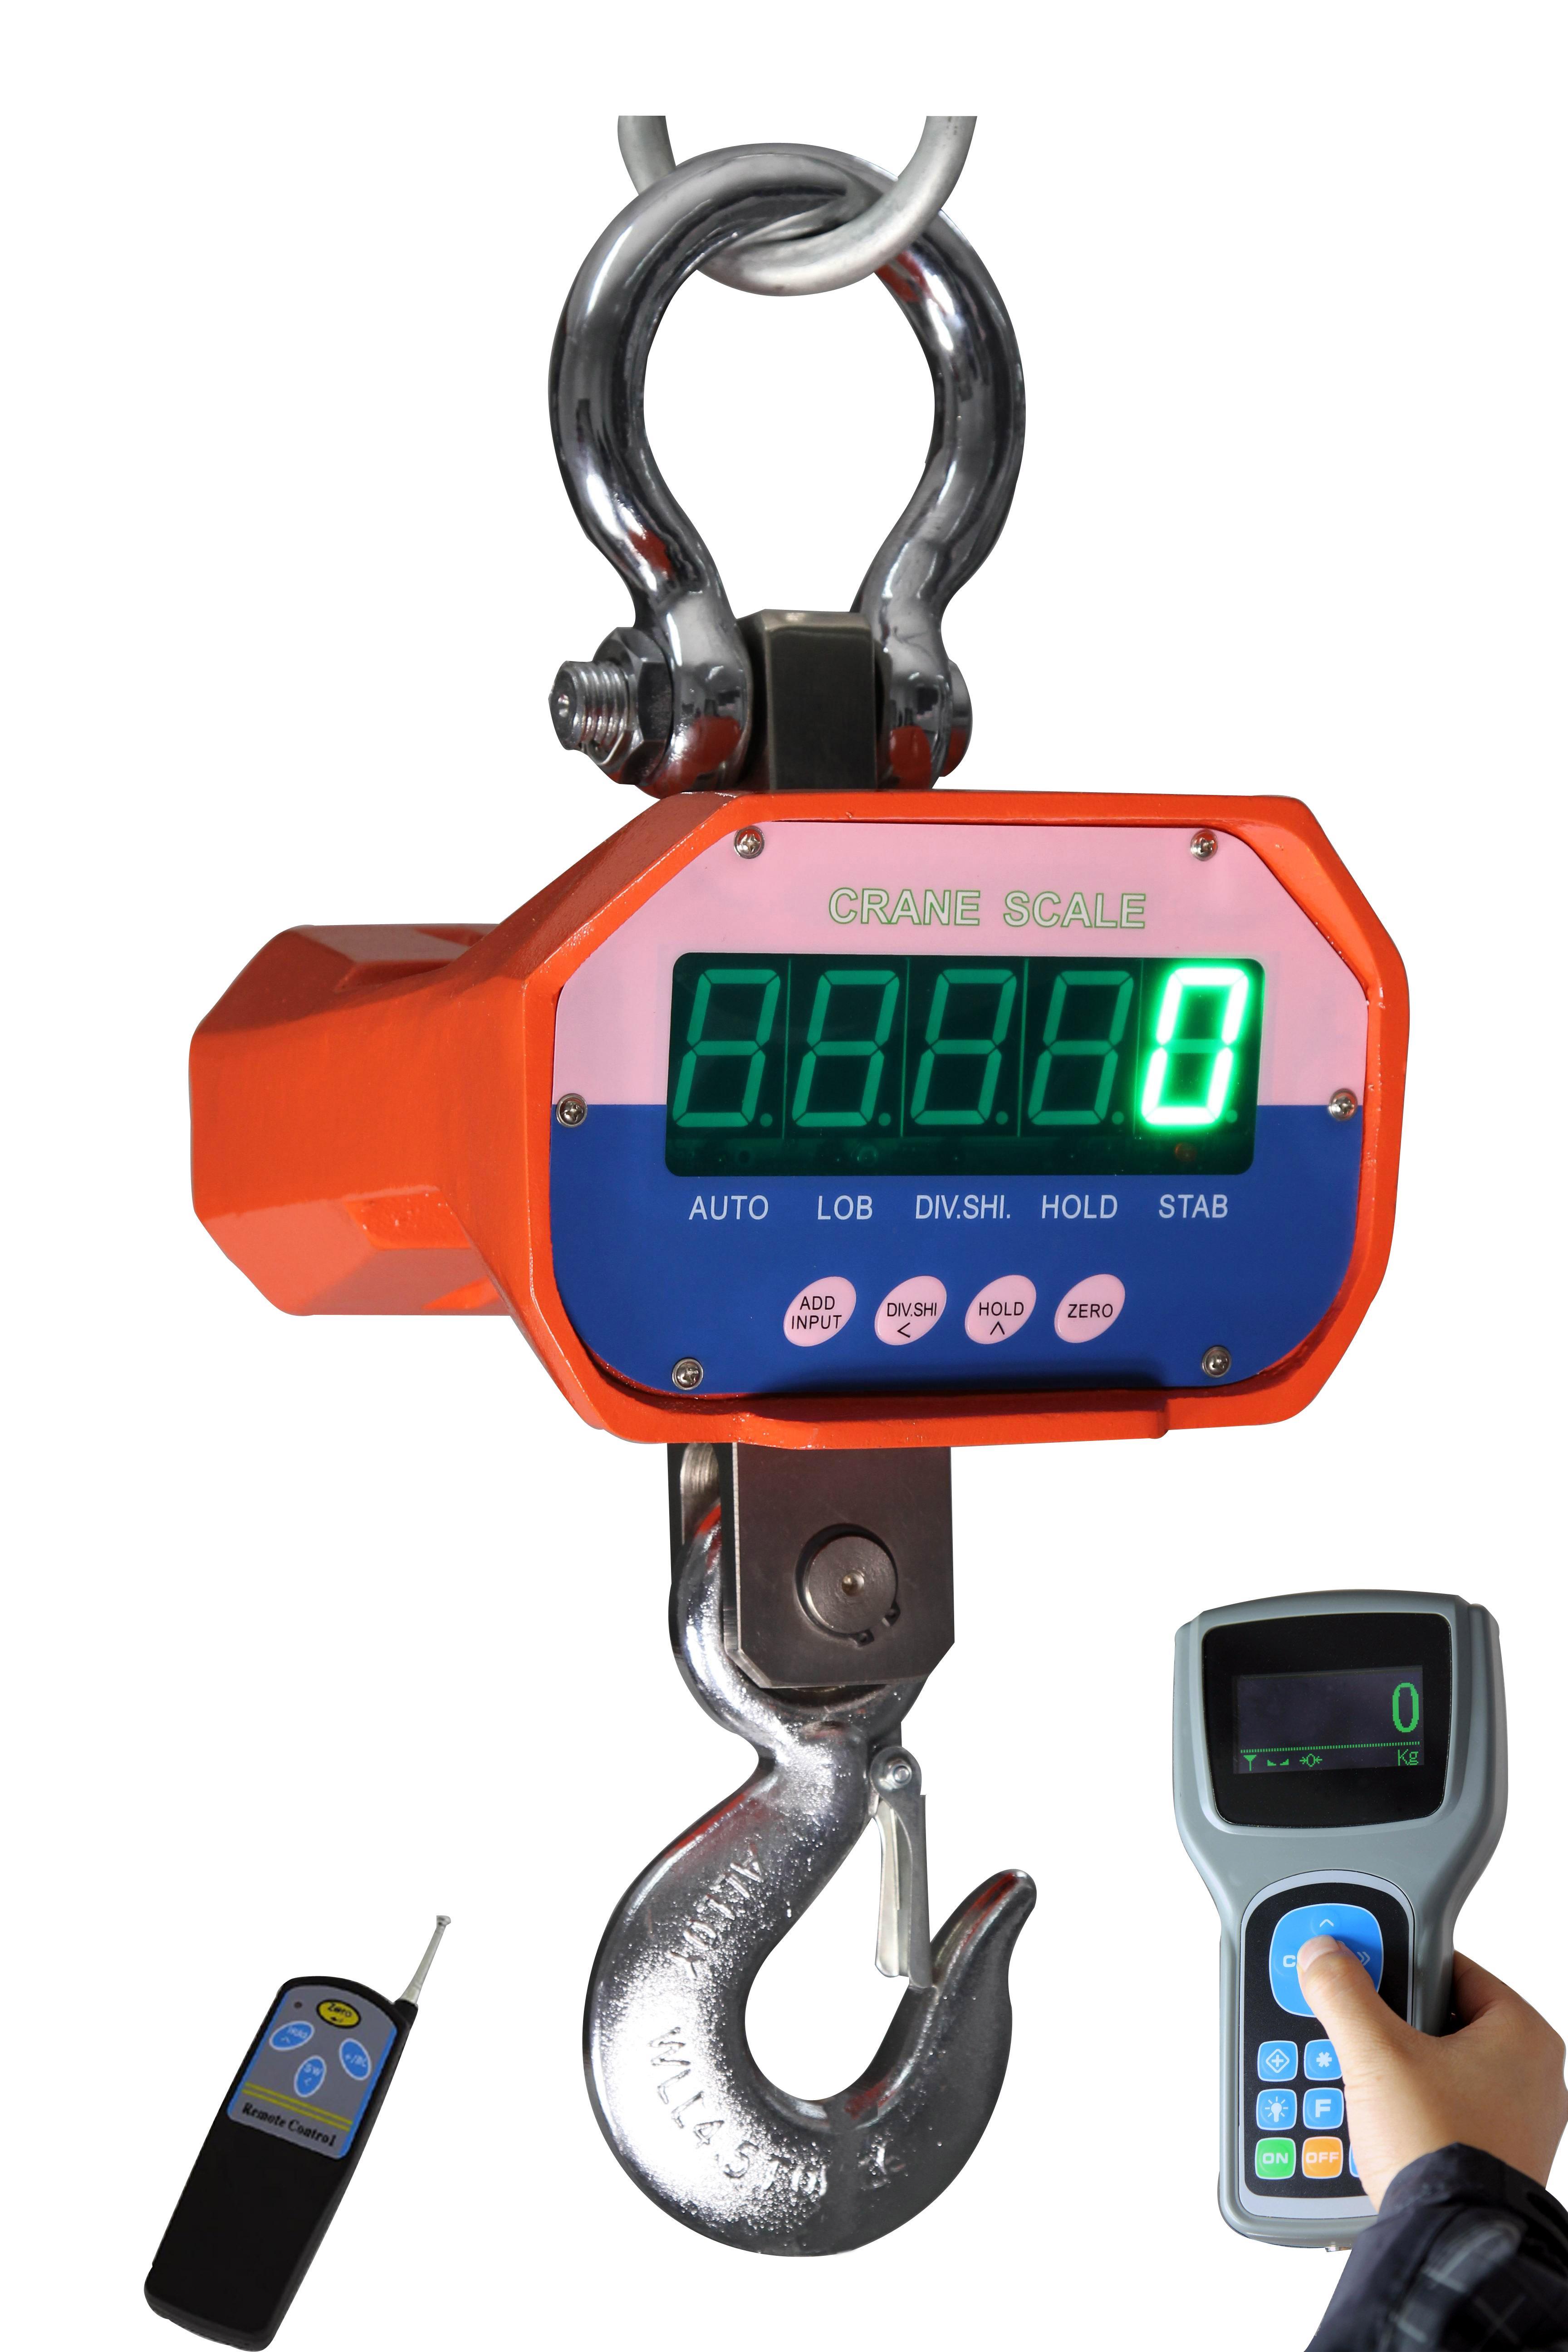 上海常衡CCE(g)PII 一体式传感器设计 铝合金外壳,轻便坚固 无线遥转电子吊秤